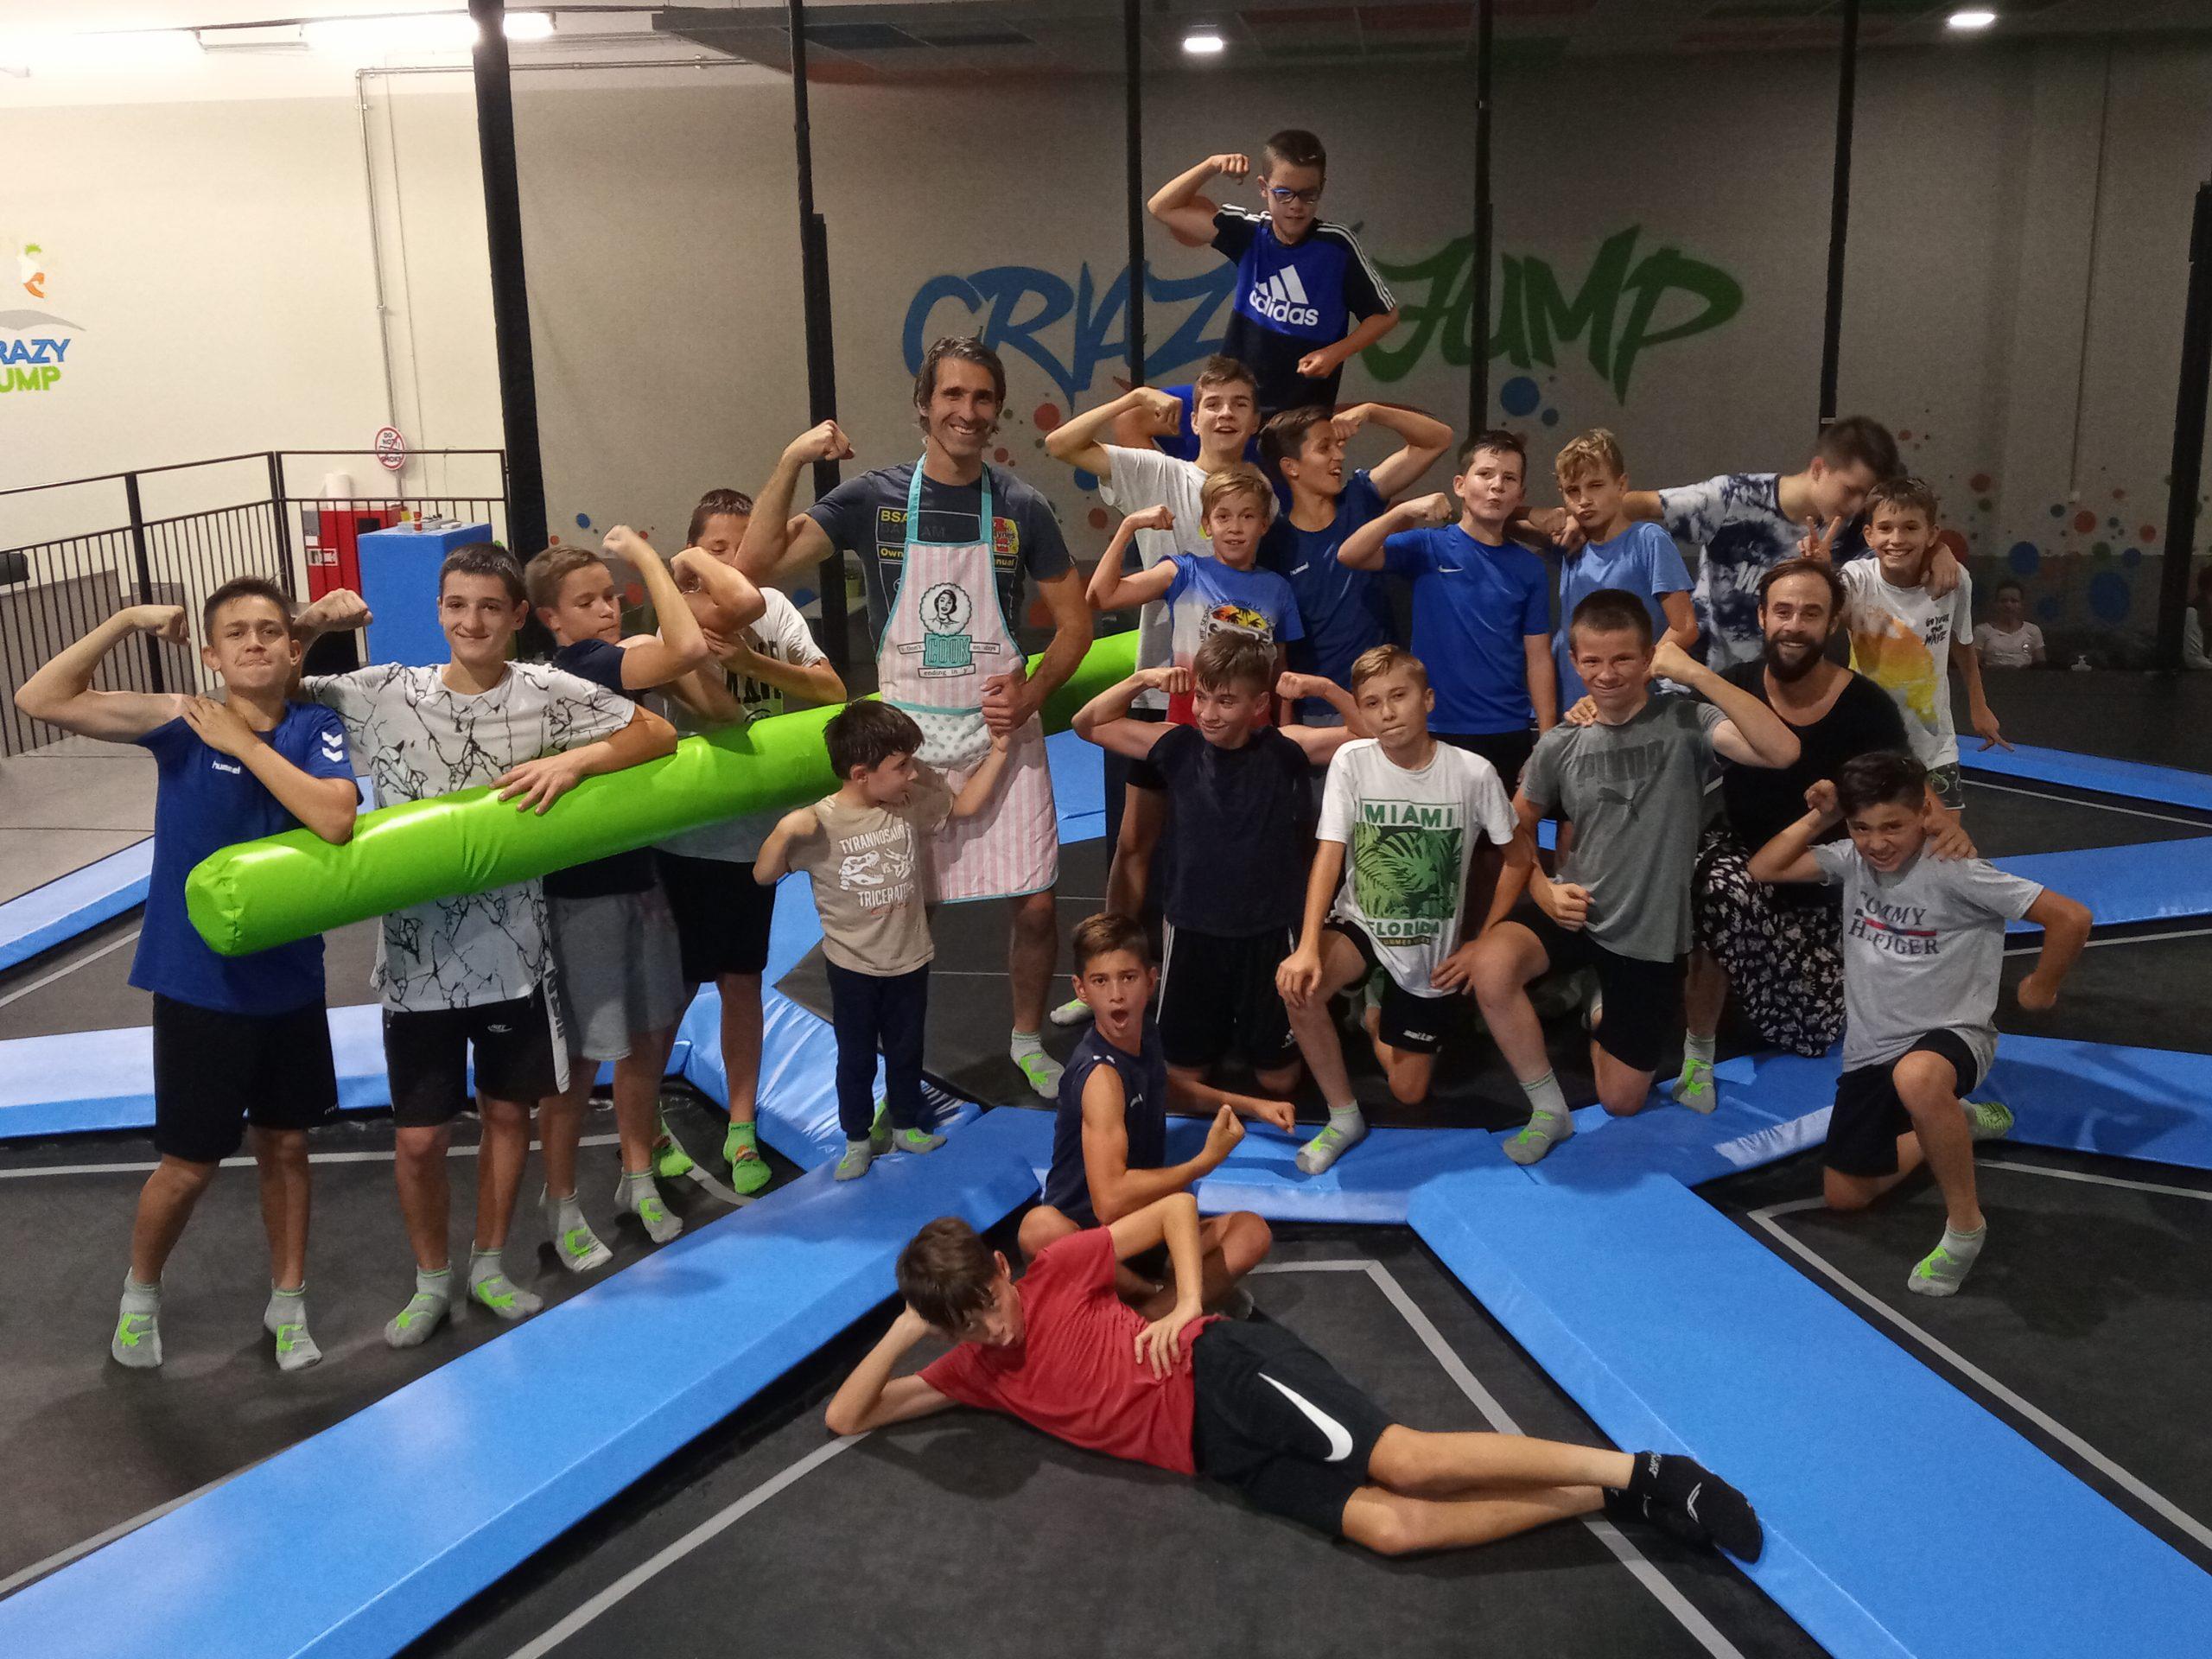 Csapatépítés és edzés egyben: Crazy Jump